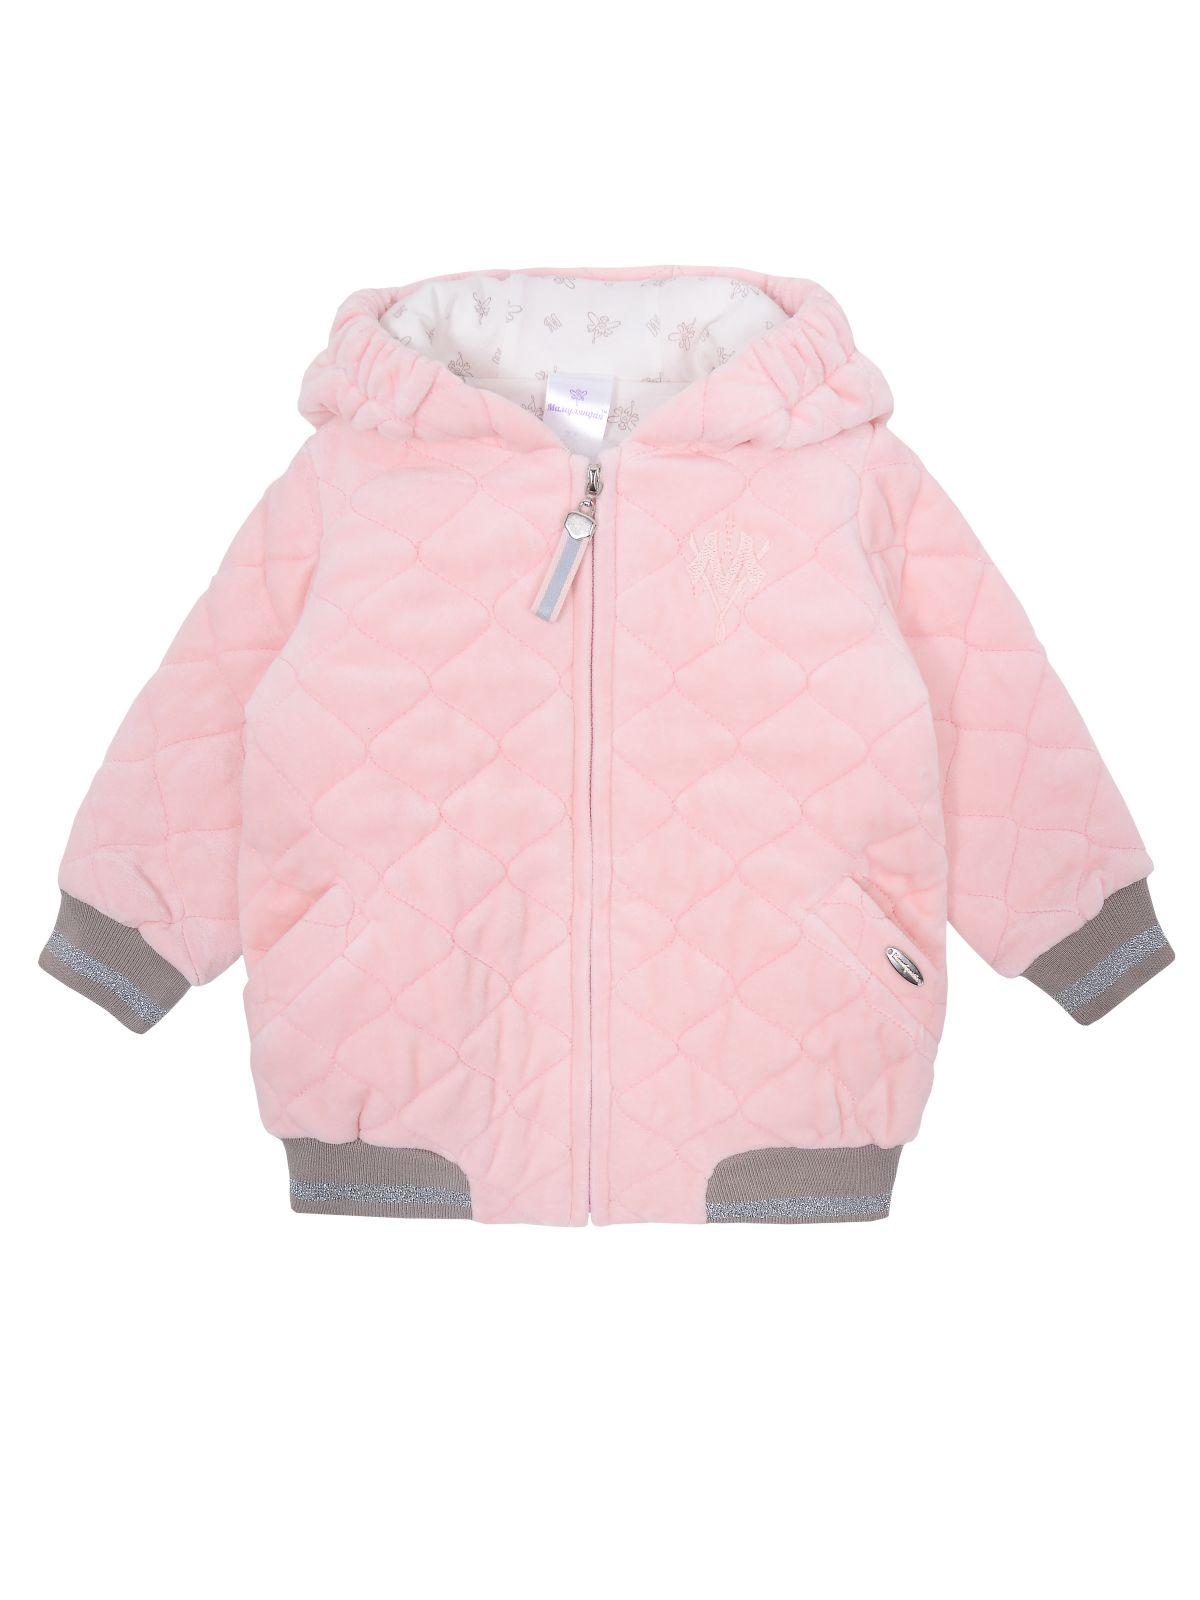 Куртка для девочки Мамуляндия 19-508, Велюр, Розовый р. 92